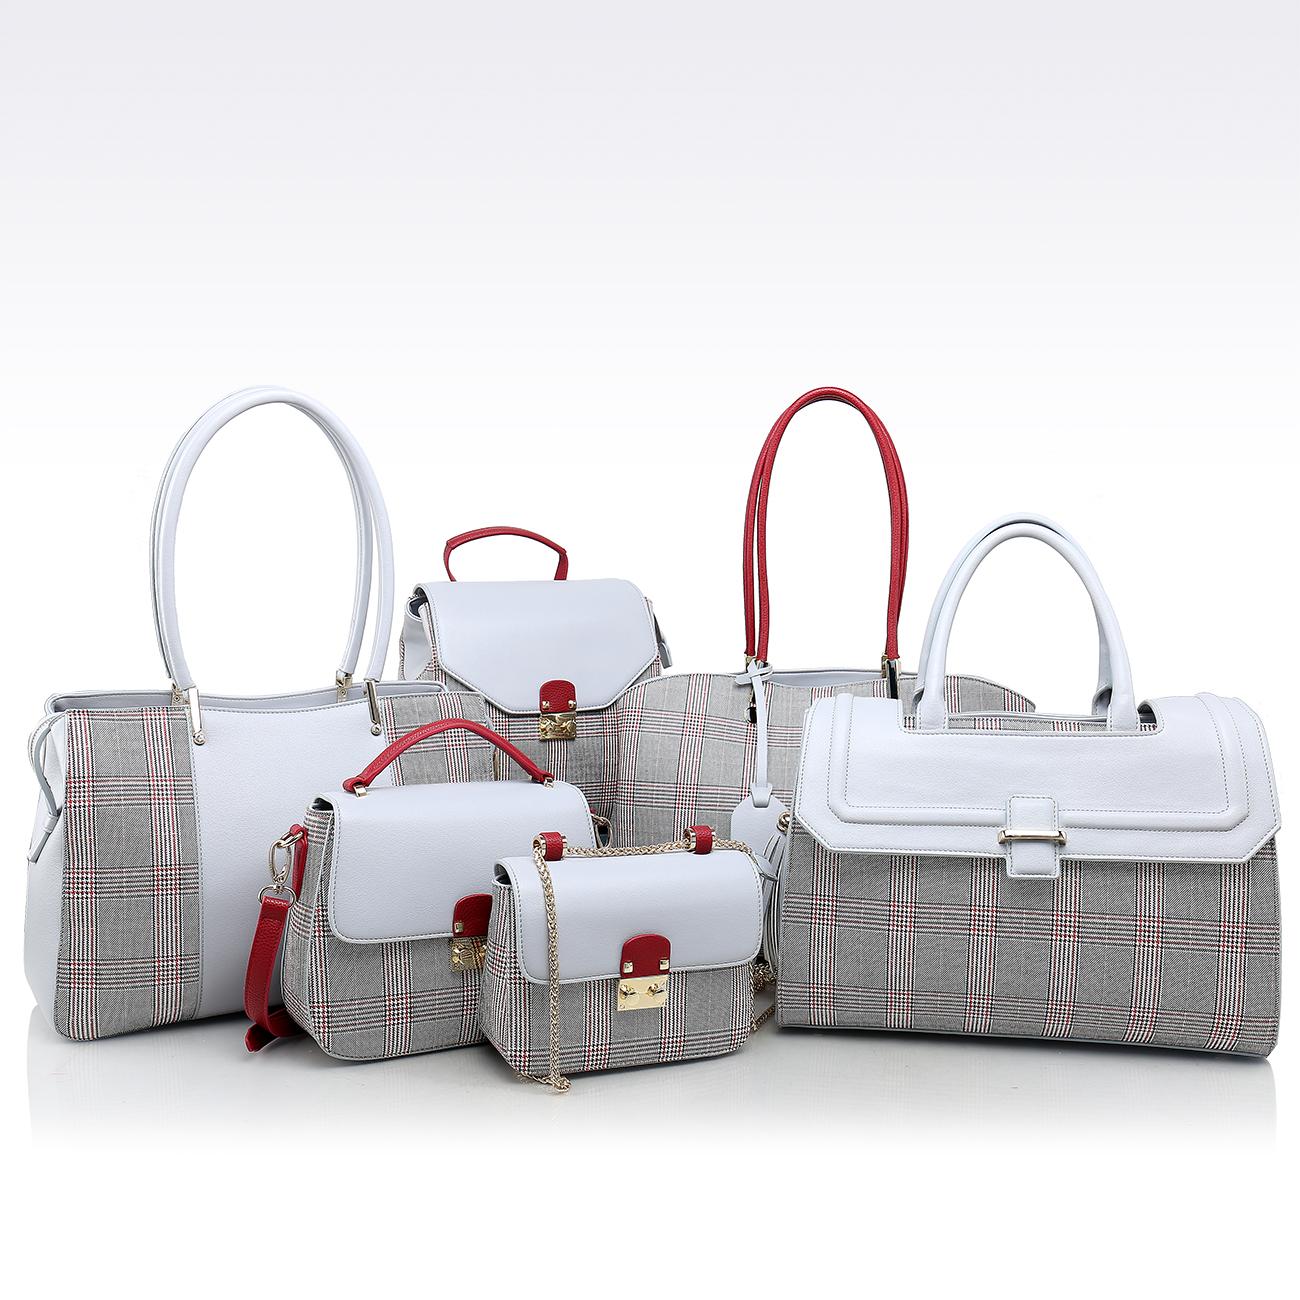 Оптовая продажа сумки для женщин из искусственной кожи 2019 Сумки из натуральной кожи Лидер продаж, комплект из 6 шт., доставка от производителя